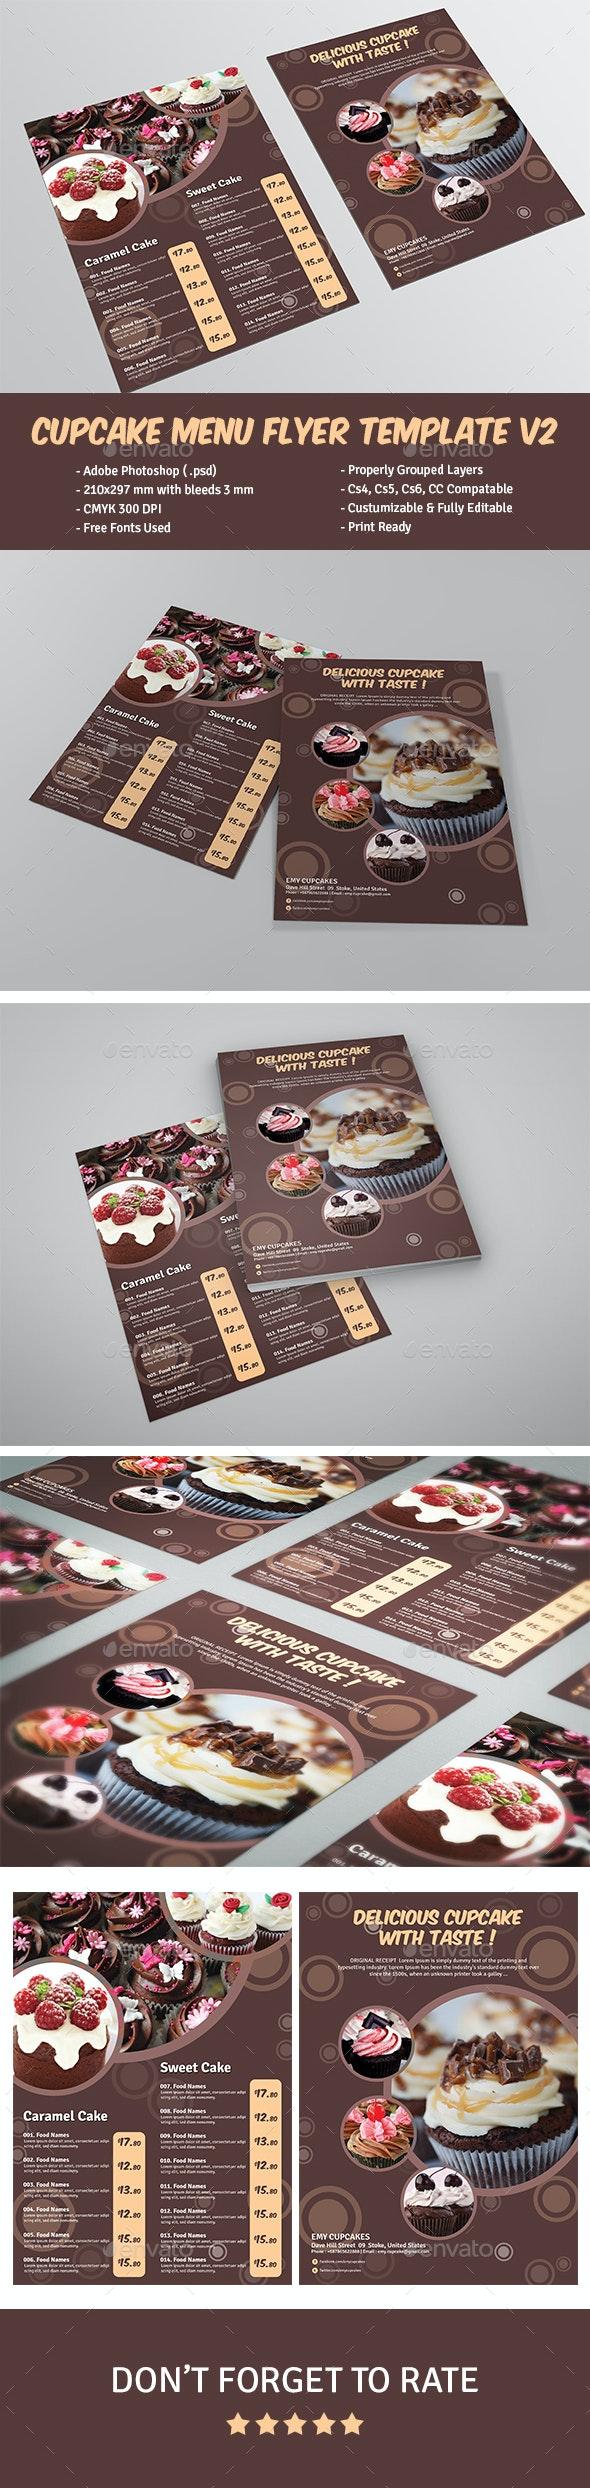 Cupcake Menu Flyer Template V2 - Food Menus Print Templates